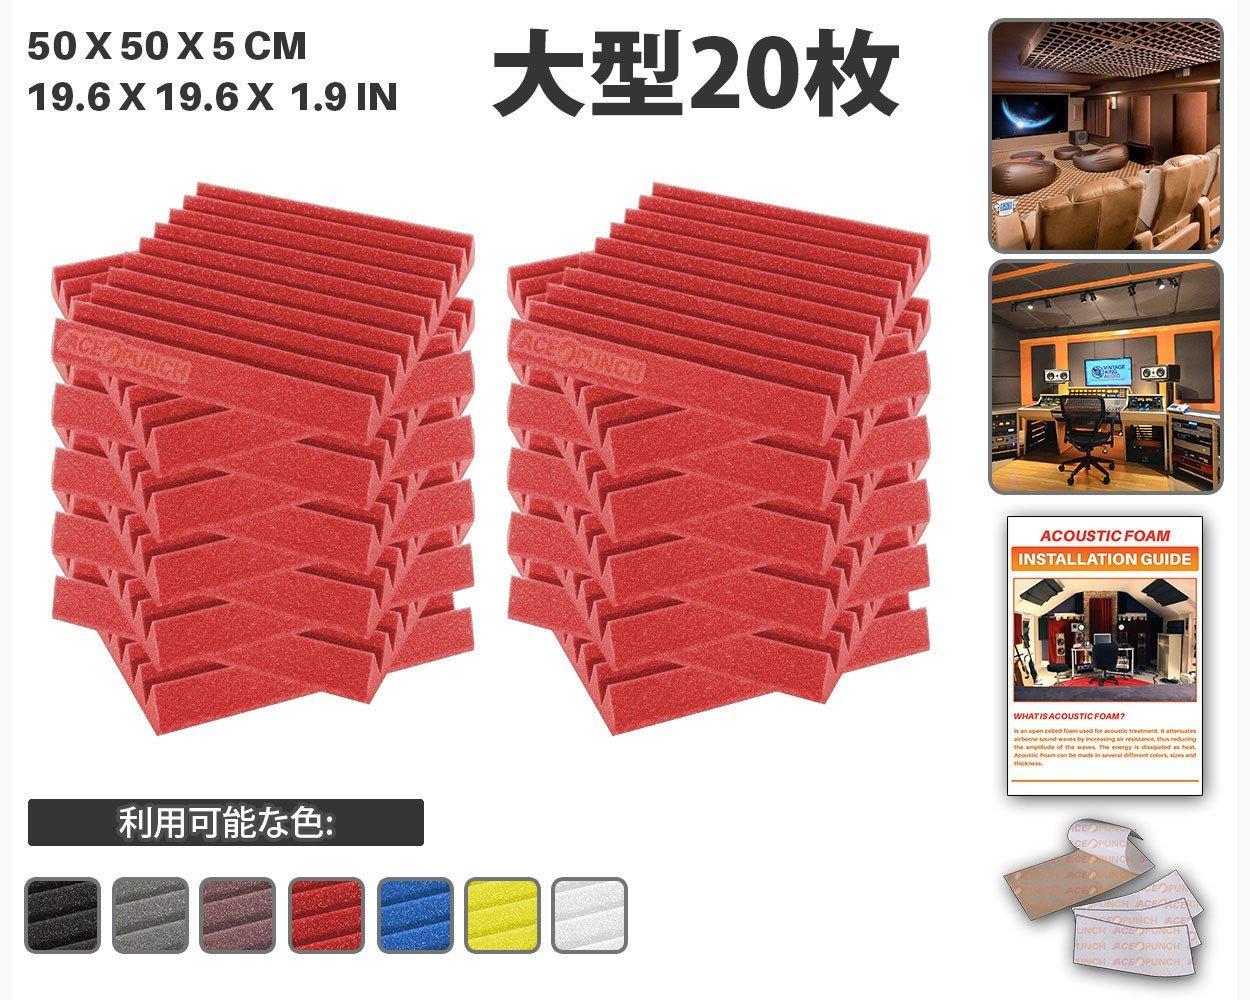 エースパンチ 新しい 20ピースセット赤い 500 x 500 x 50 mm ウェッジ 東京防音 ポリウレタン 吸音材 アコースティックフォーム AP1134 B01N3CFRJ5  赤